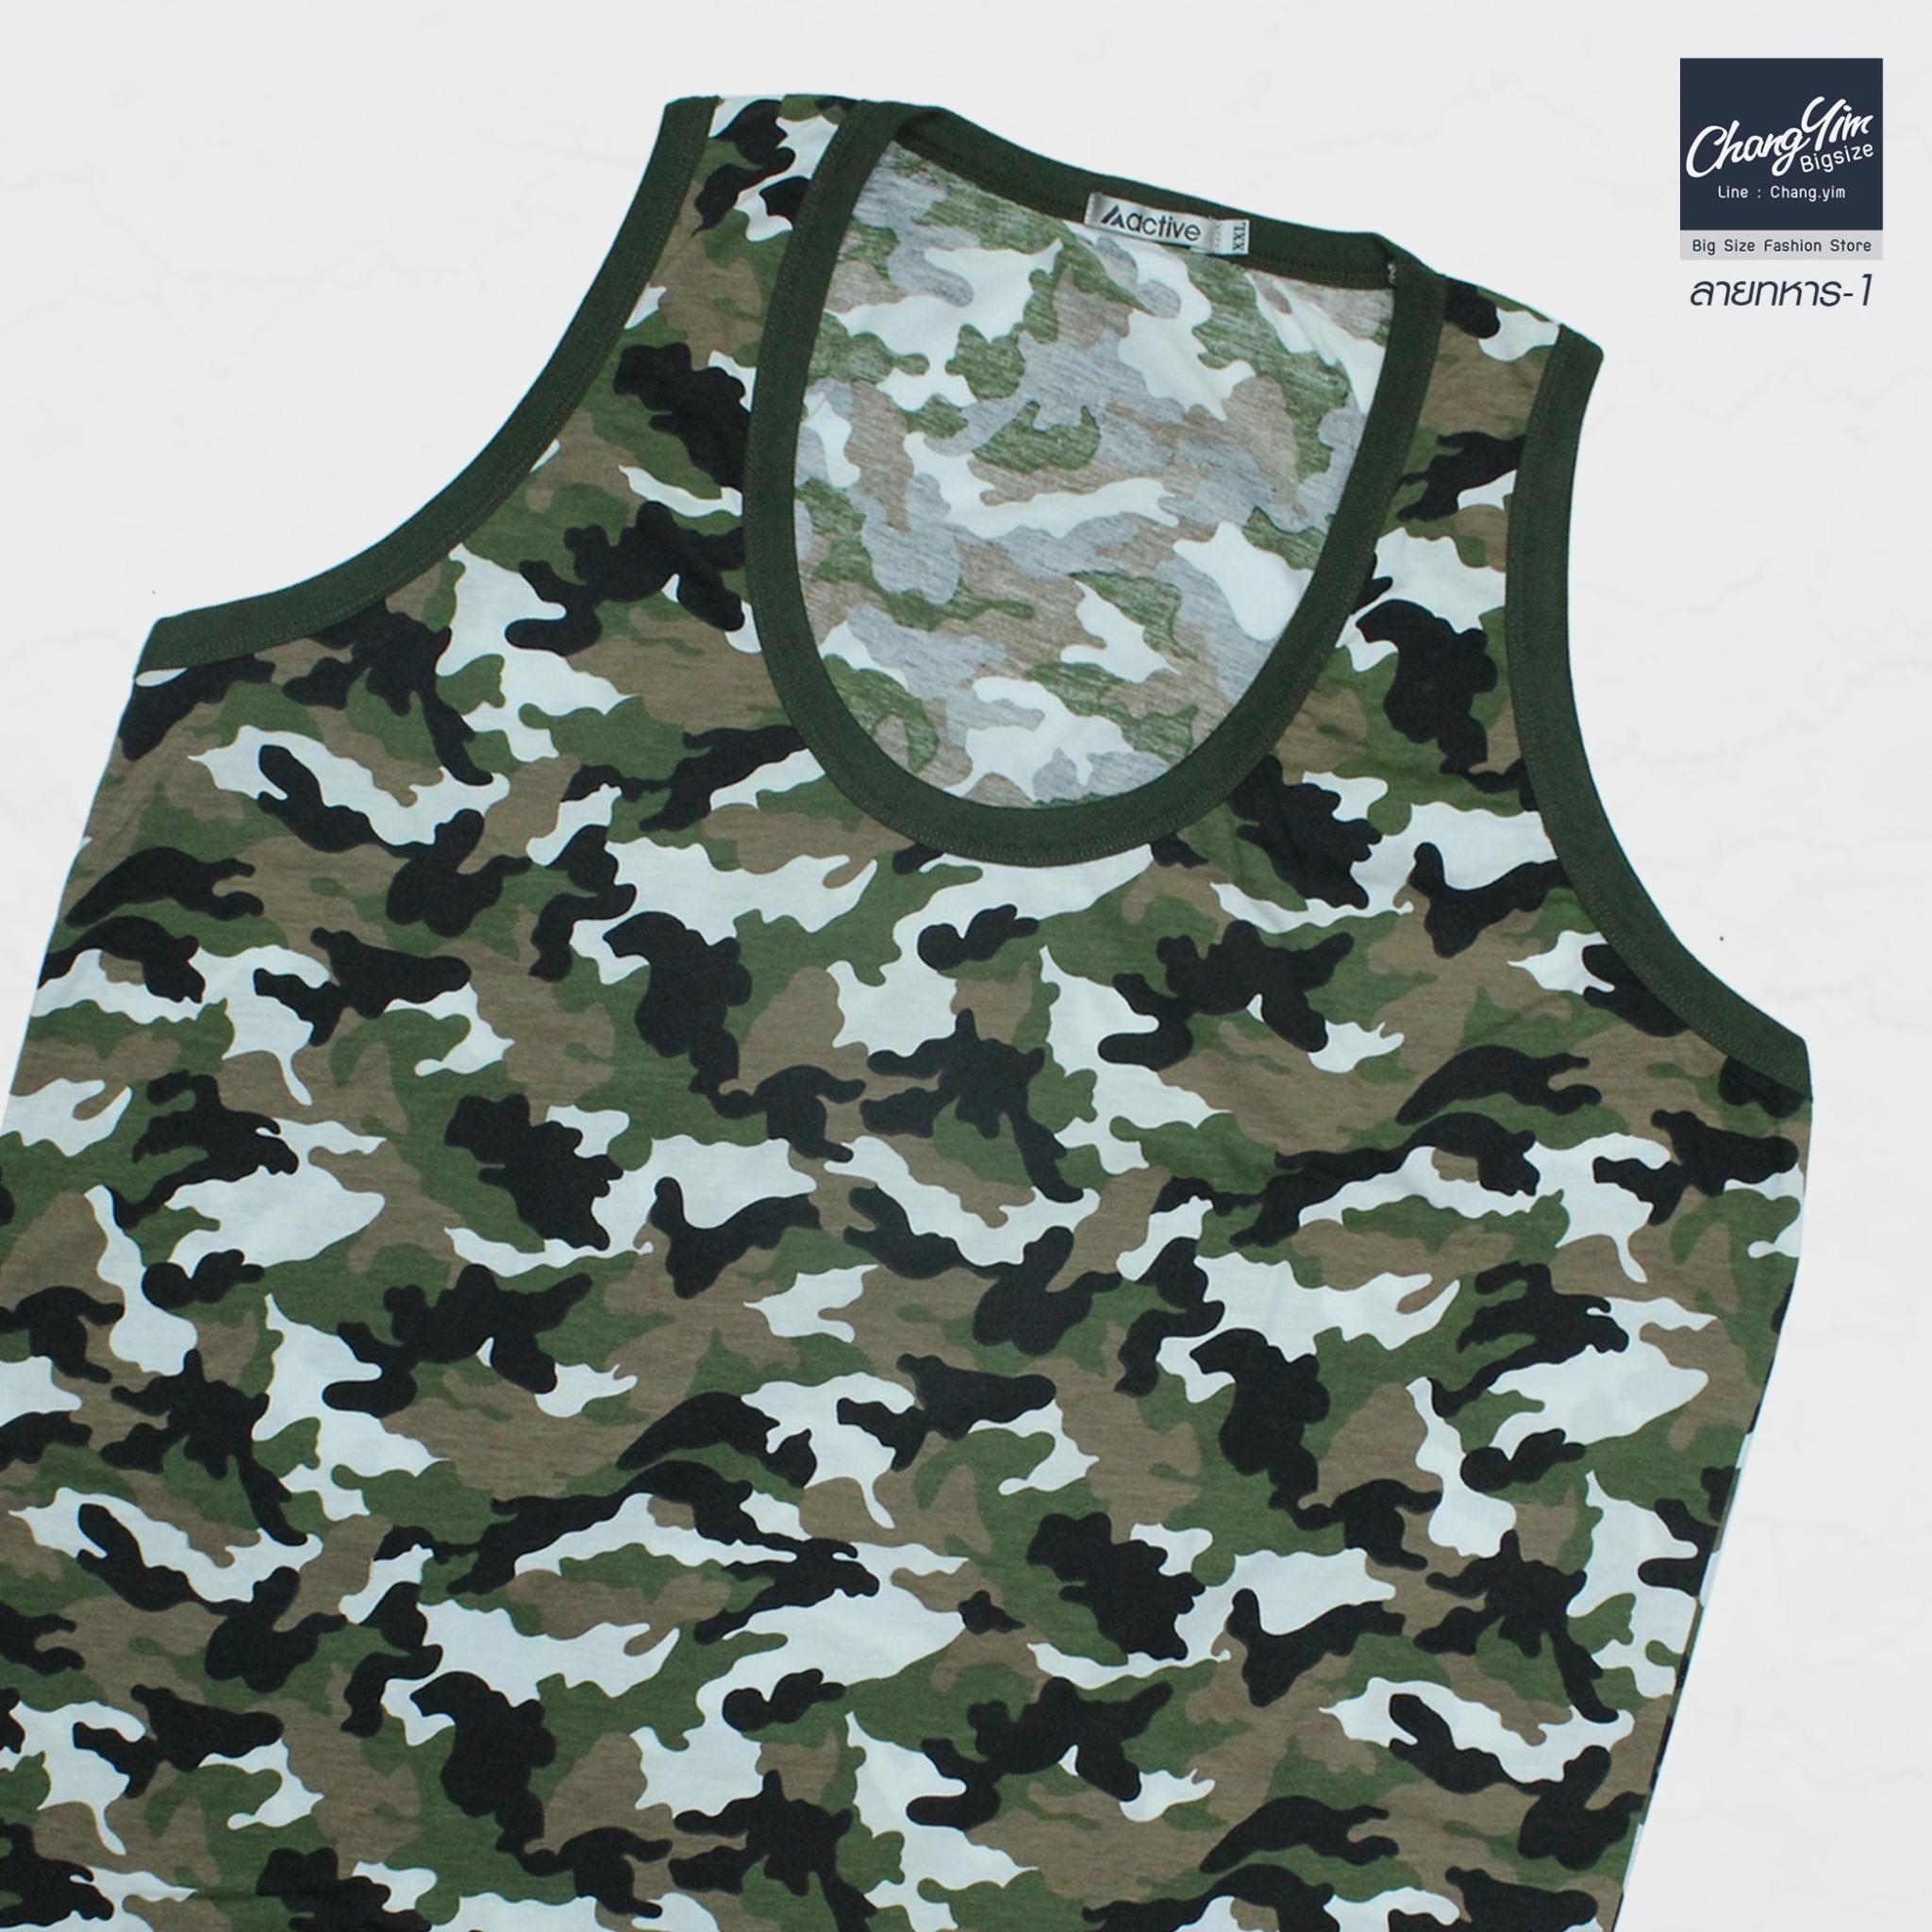 เสื้อกล้ามชาย Plus Size 2XL , 3XL , 4XL ลายทหาร -1